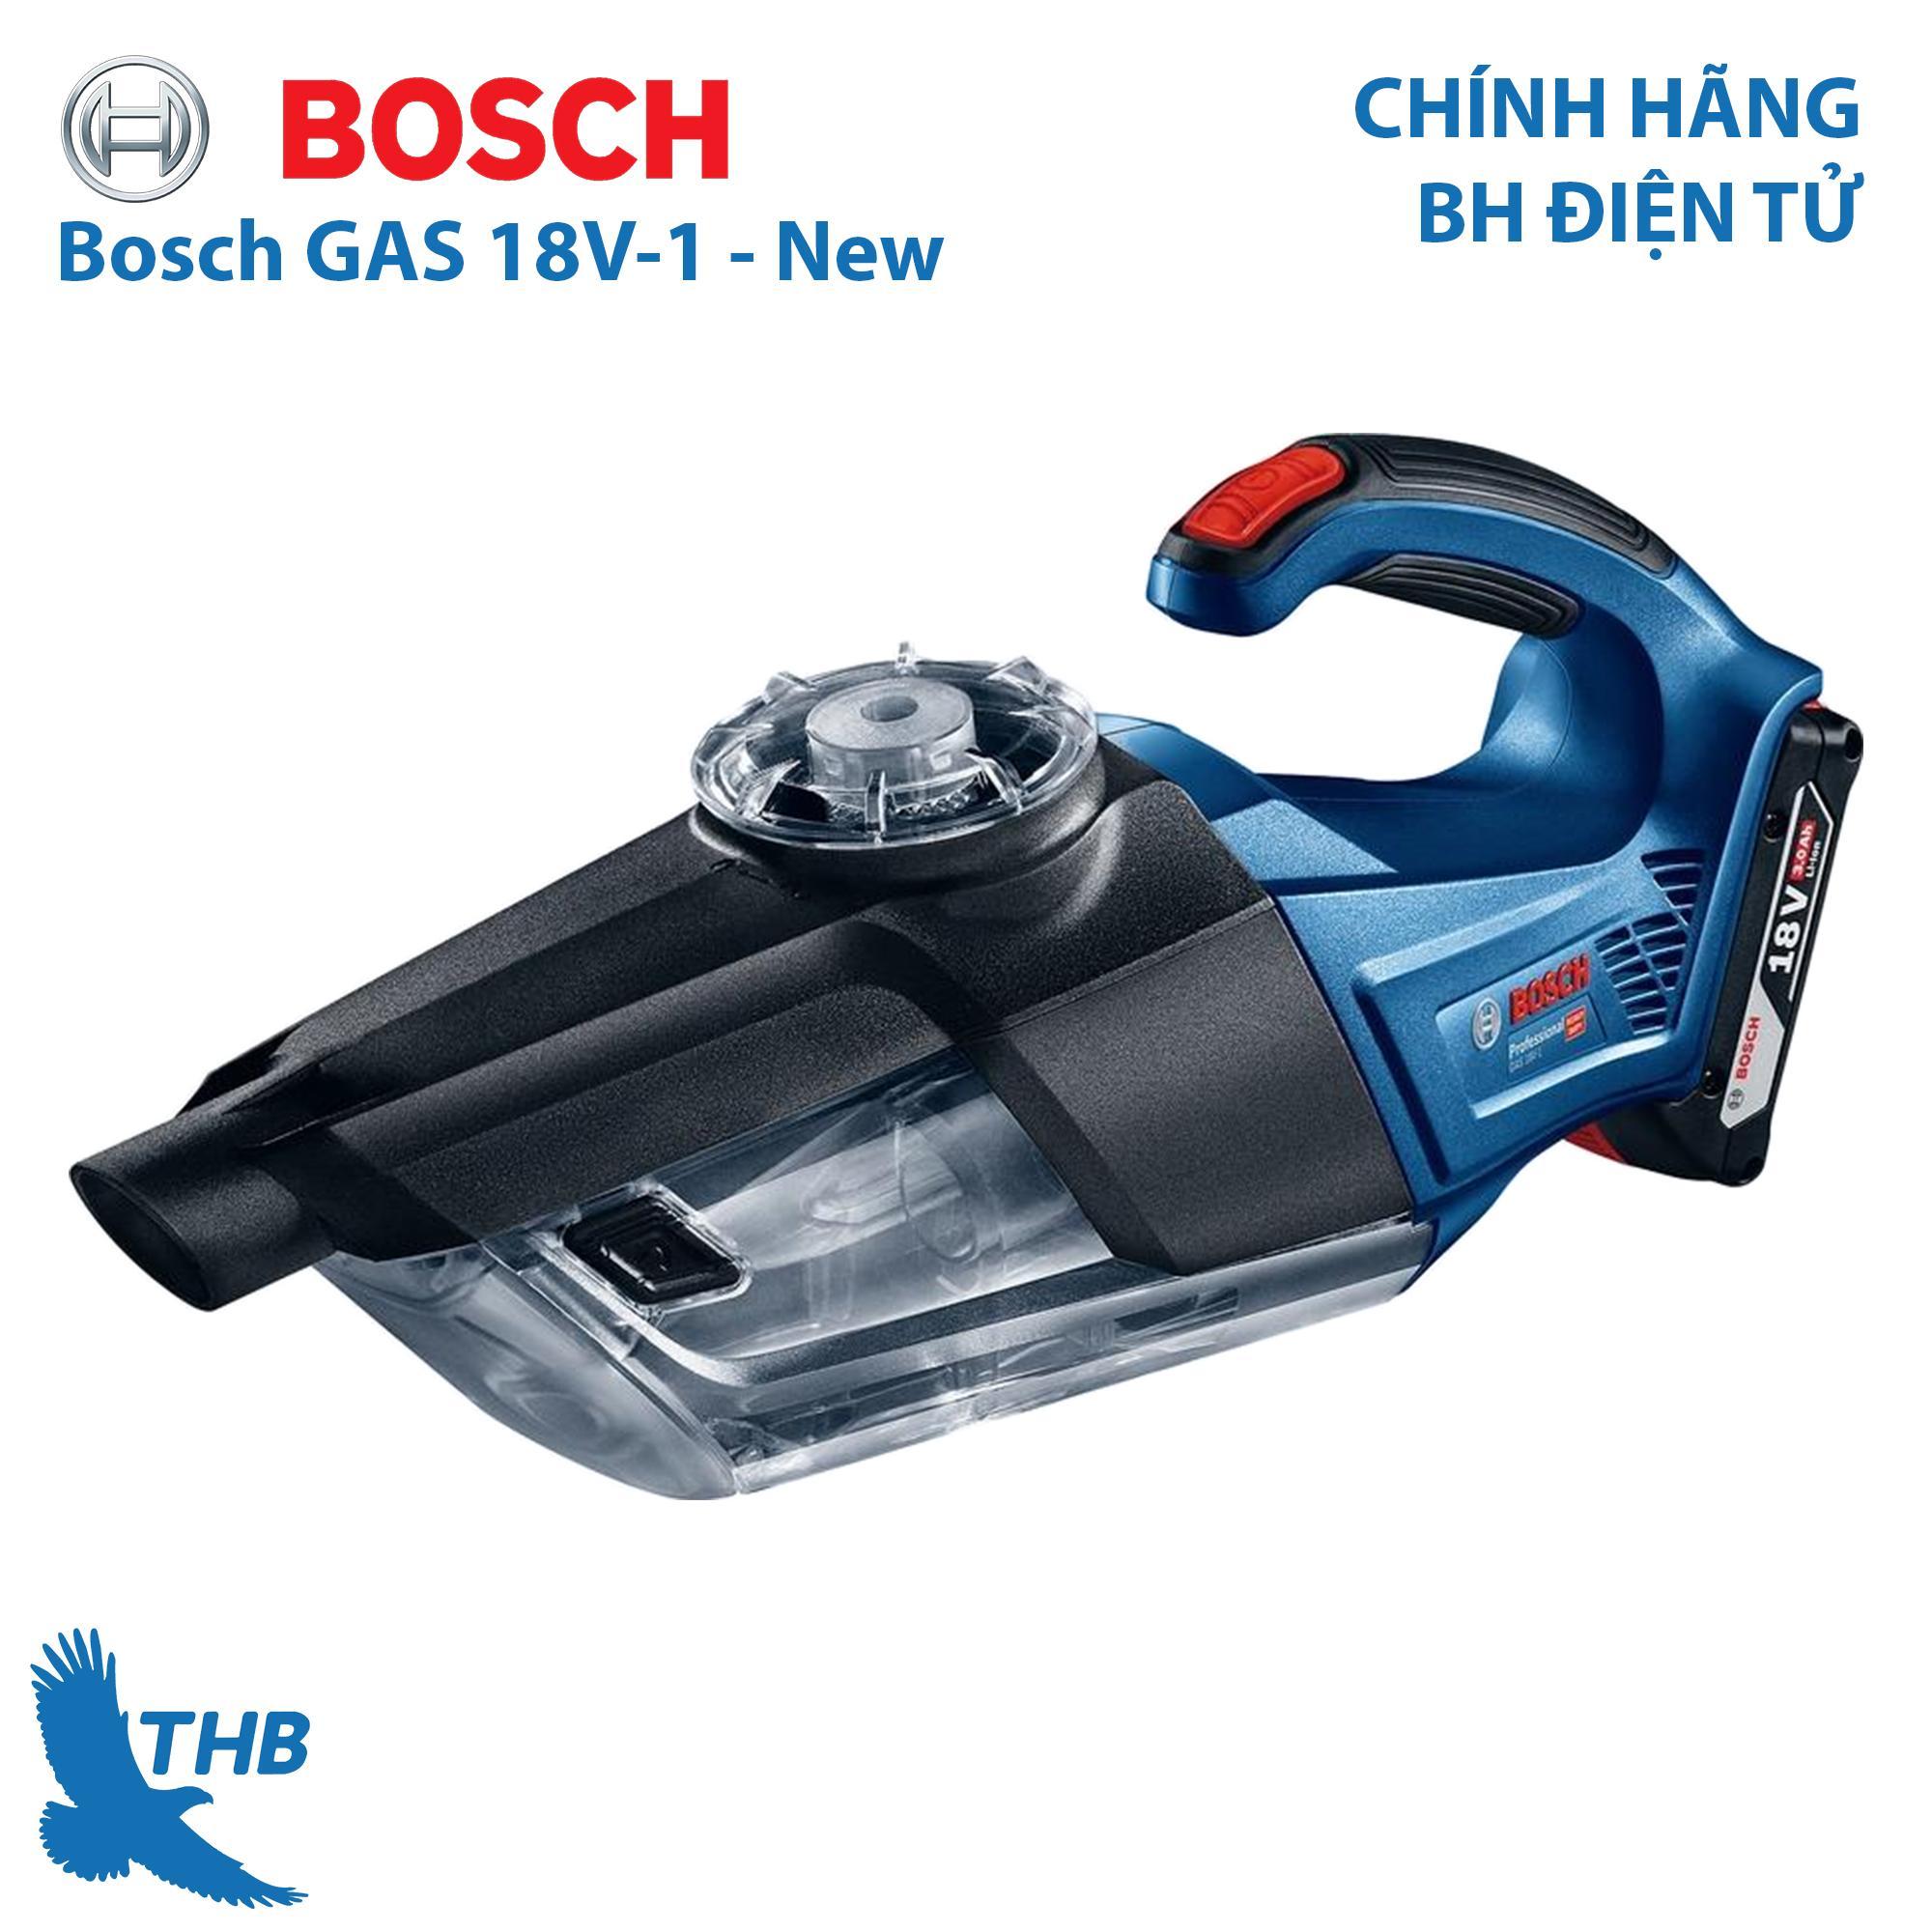 Máy hút bụi dùng pin Bosch GAS 18V-1 Set Xuất xứ Trung Quốc Bảo hành 12 tháng 1 Pin 18V 3Ah